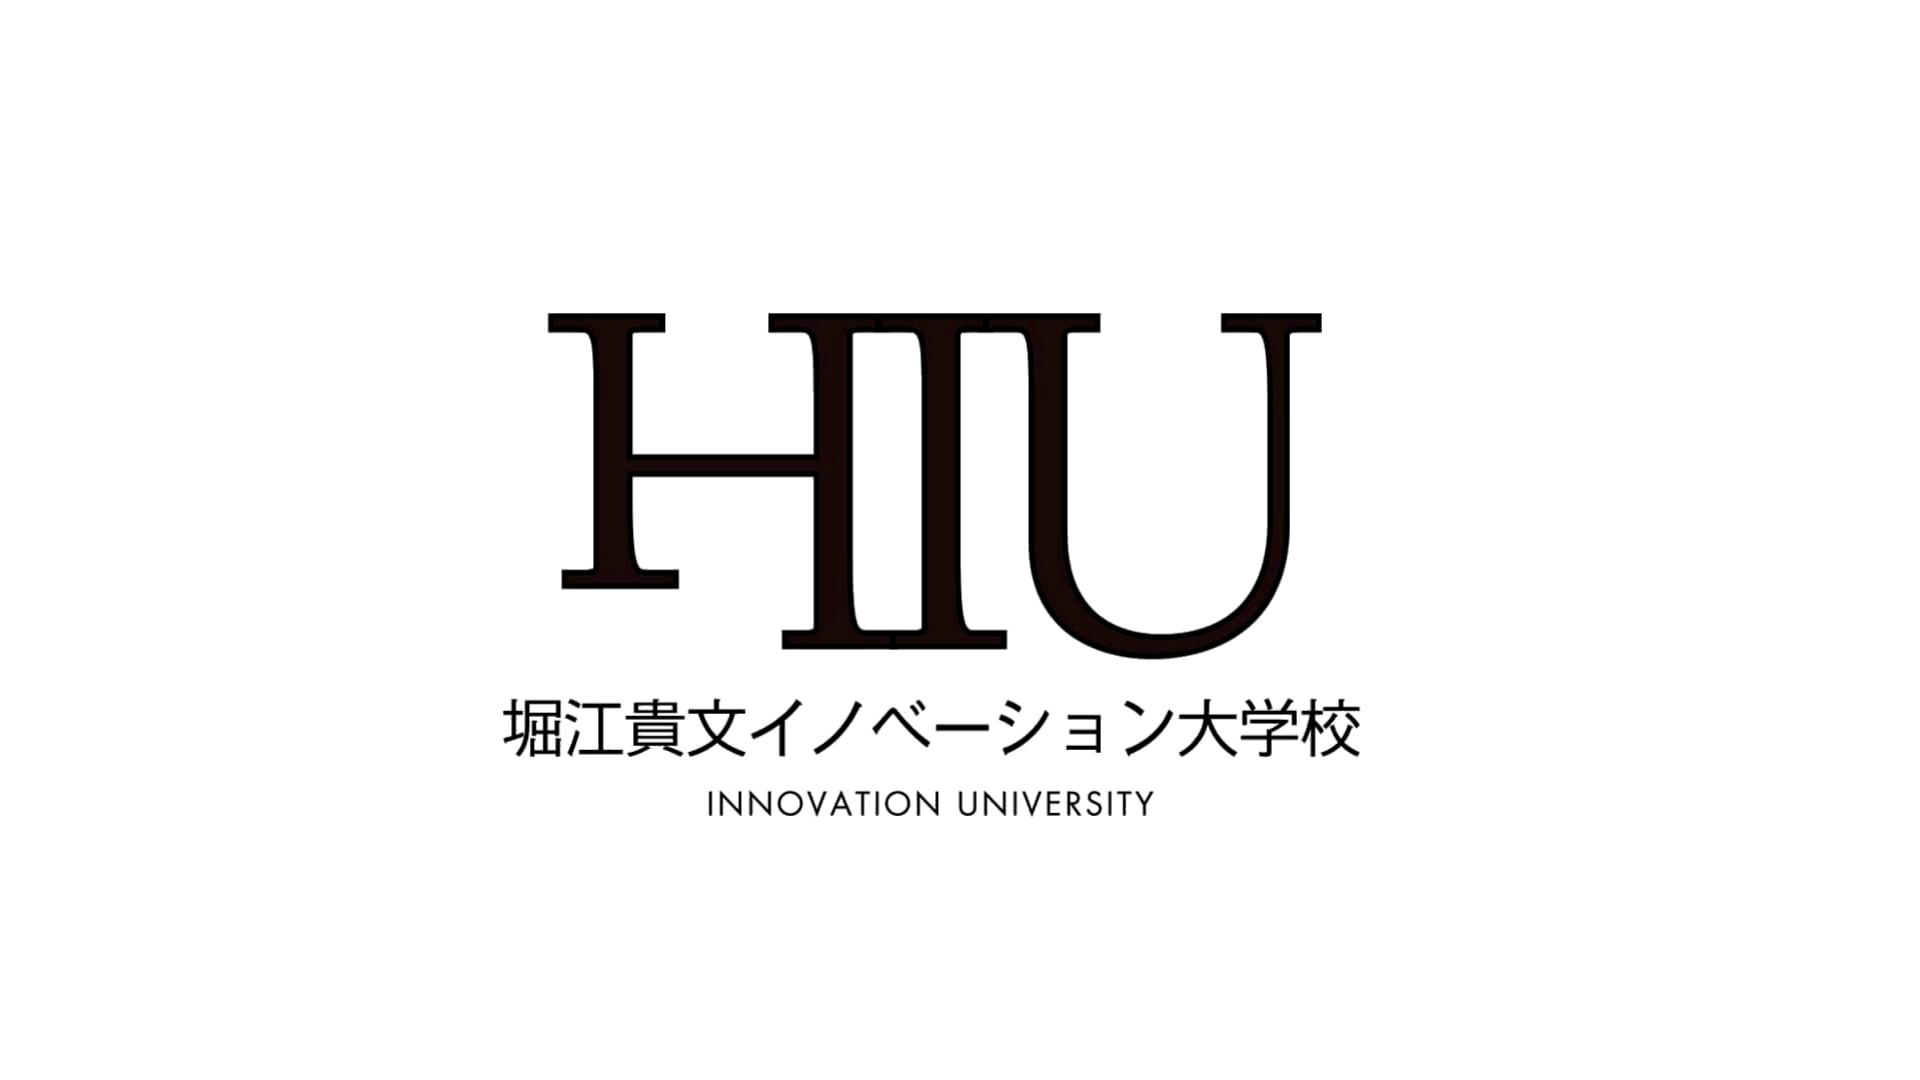 [ネットイベント対談]UUUM鎌田和樹さん